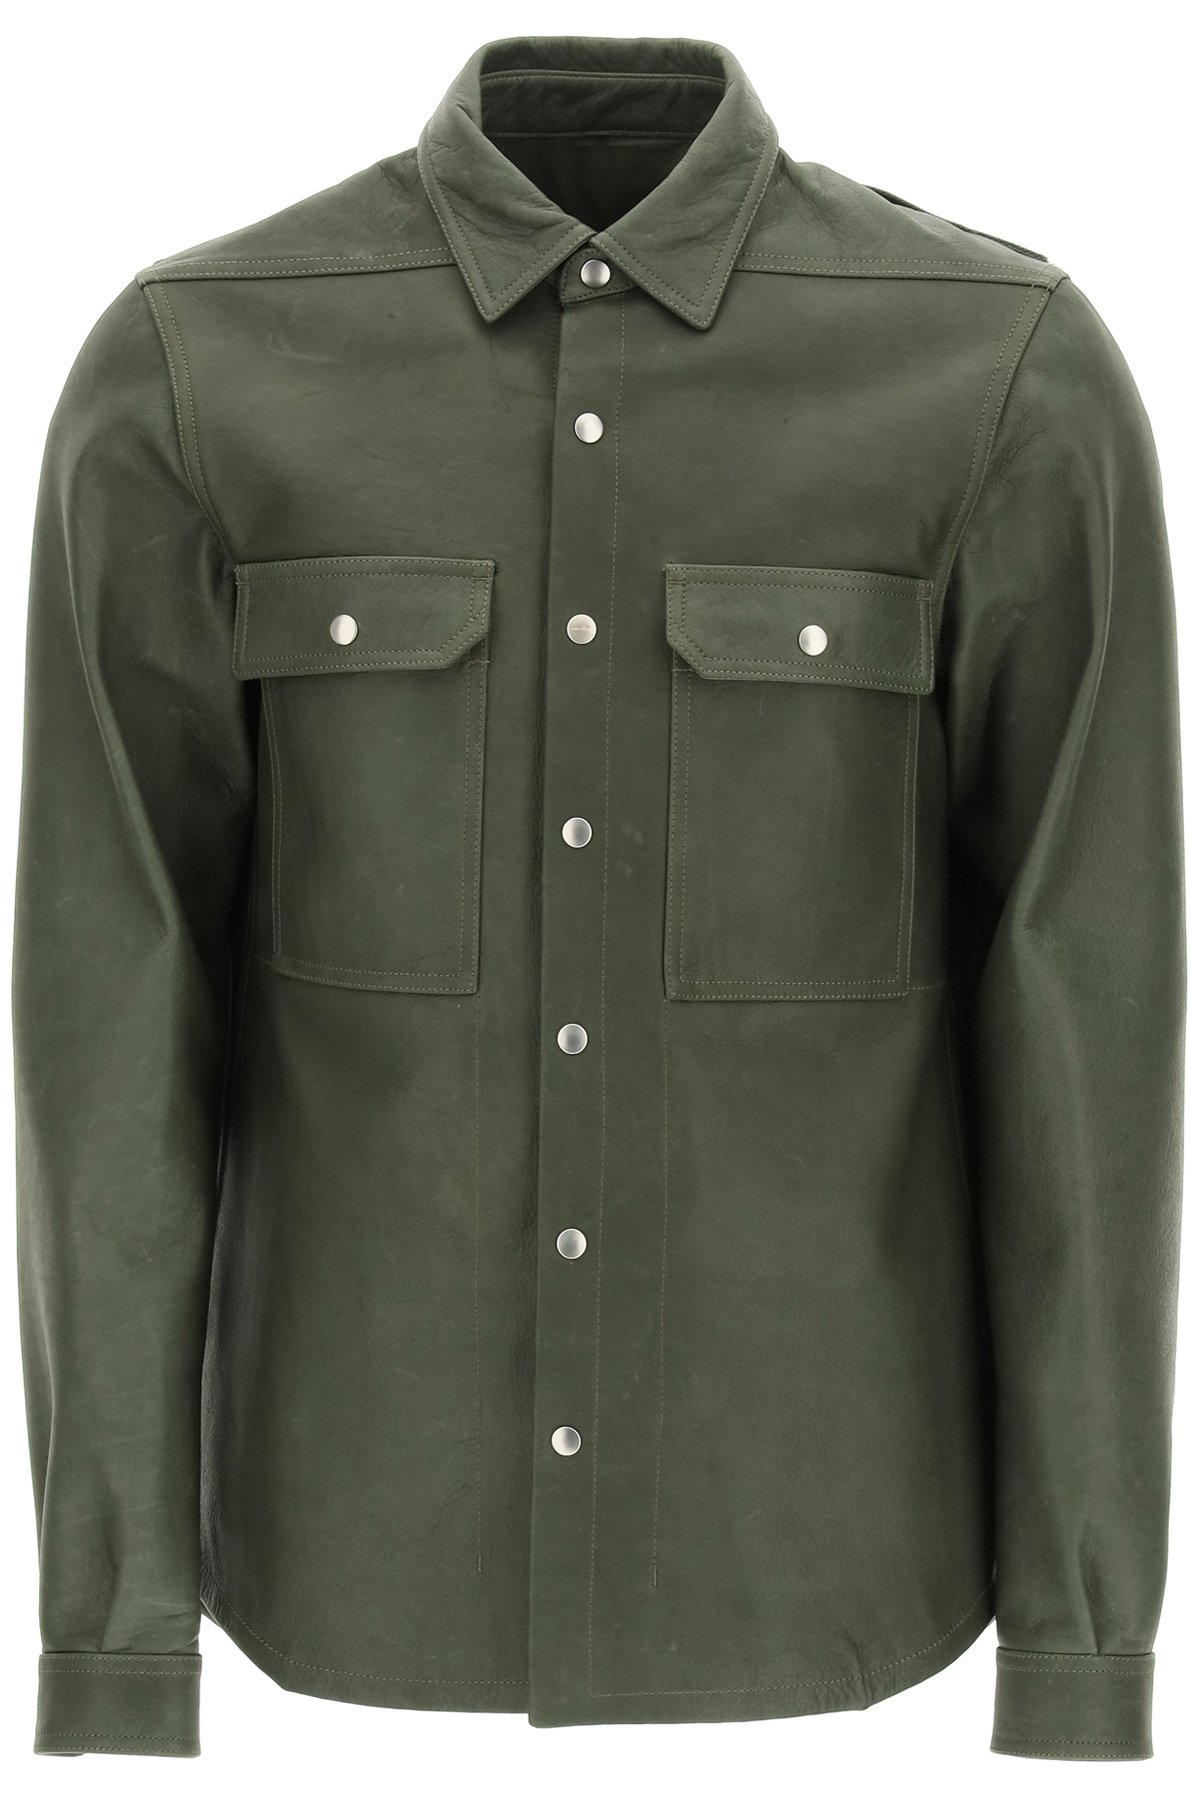 Rick owens giacca in pelle gethsemane